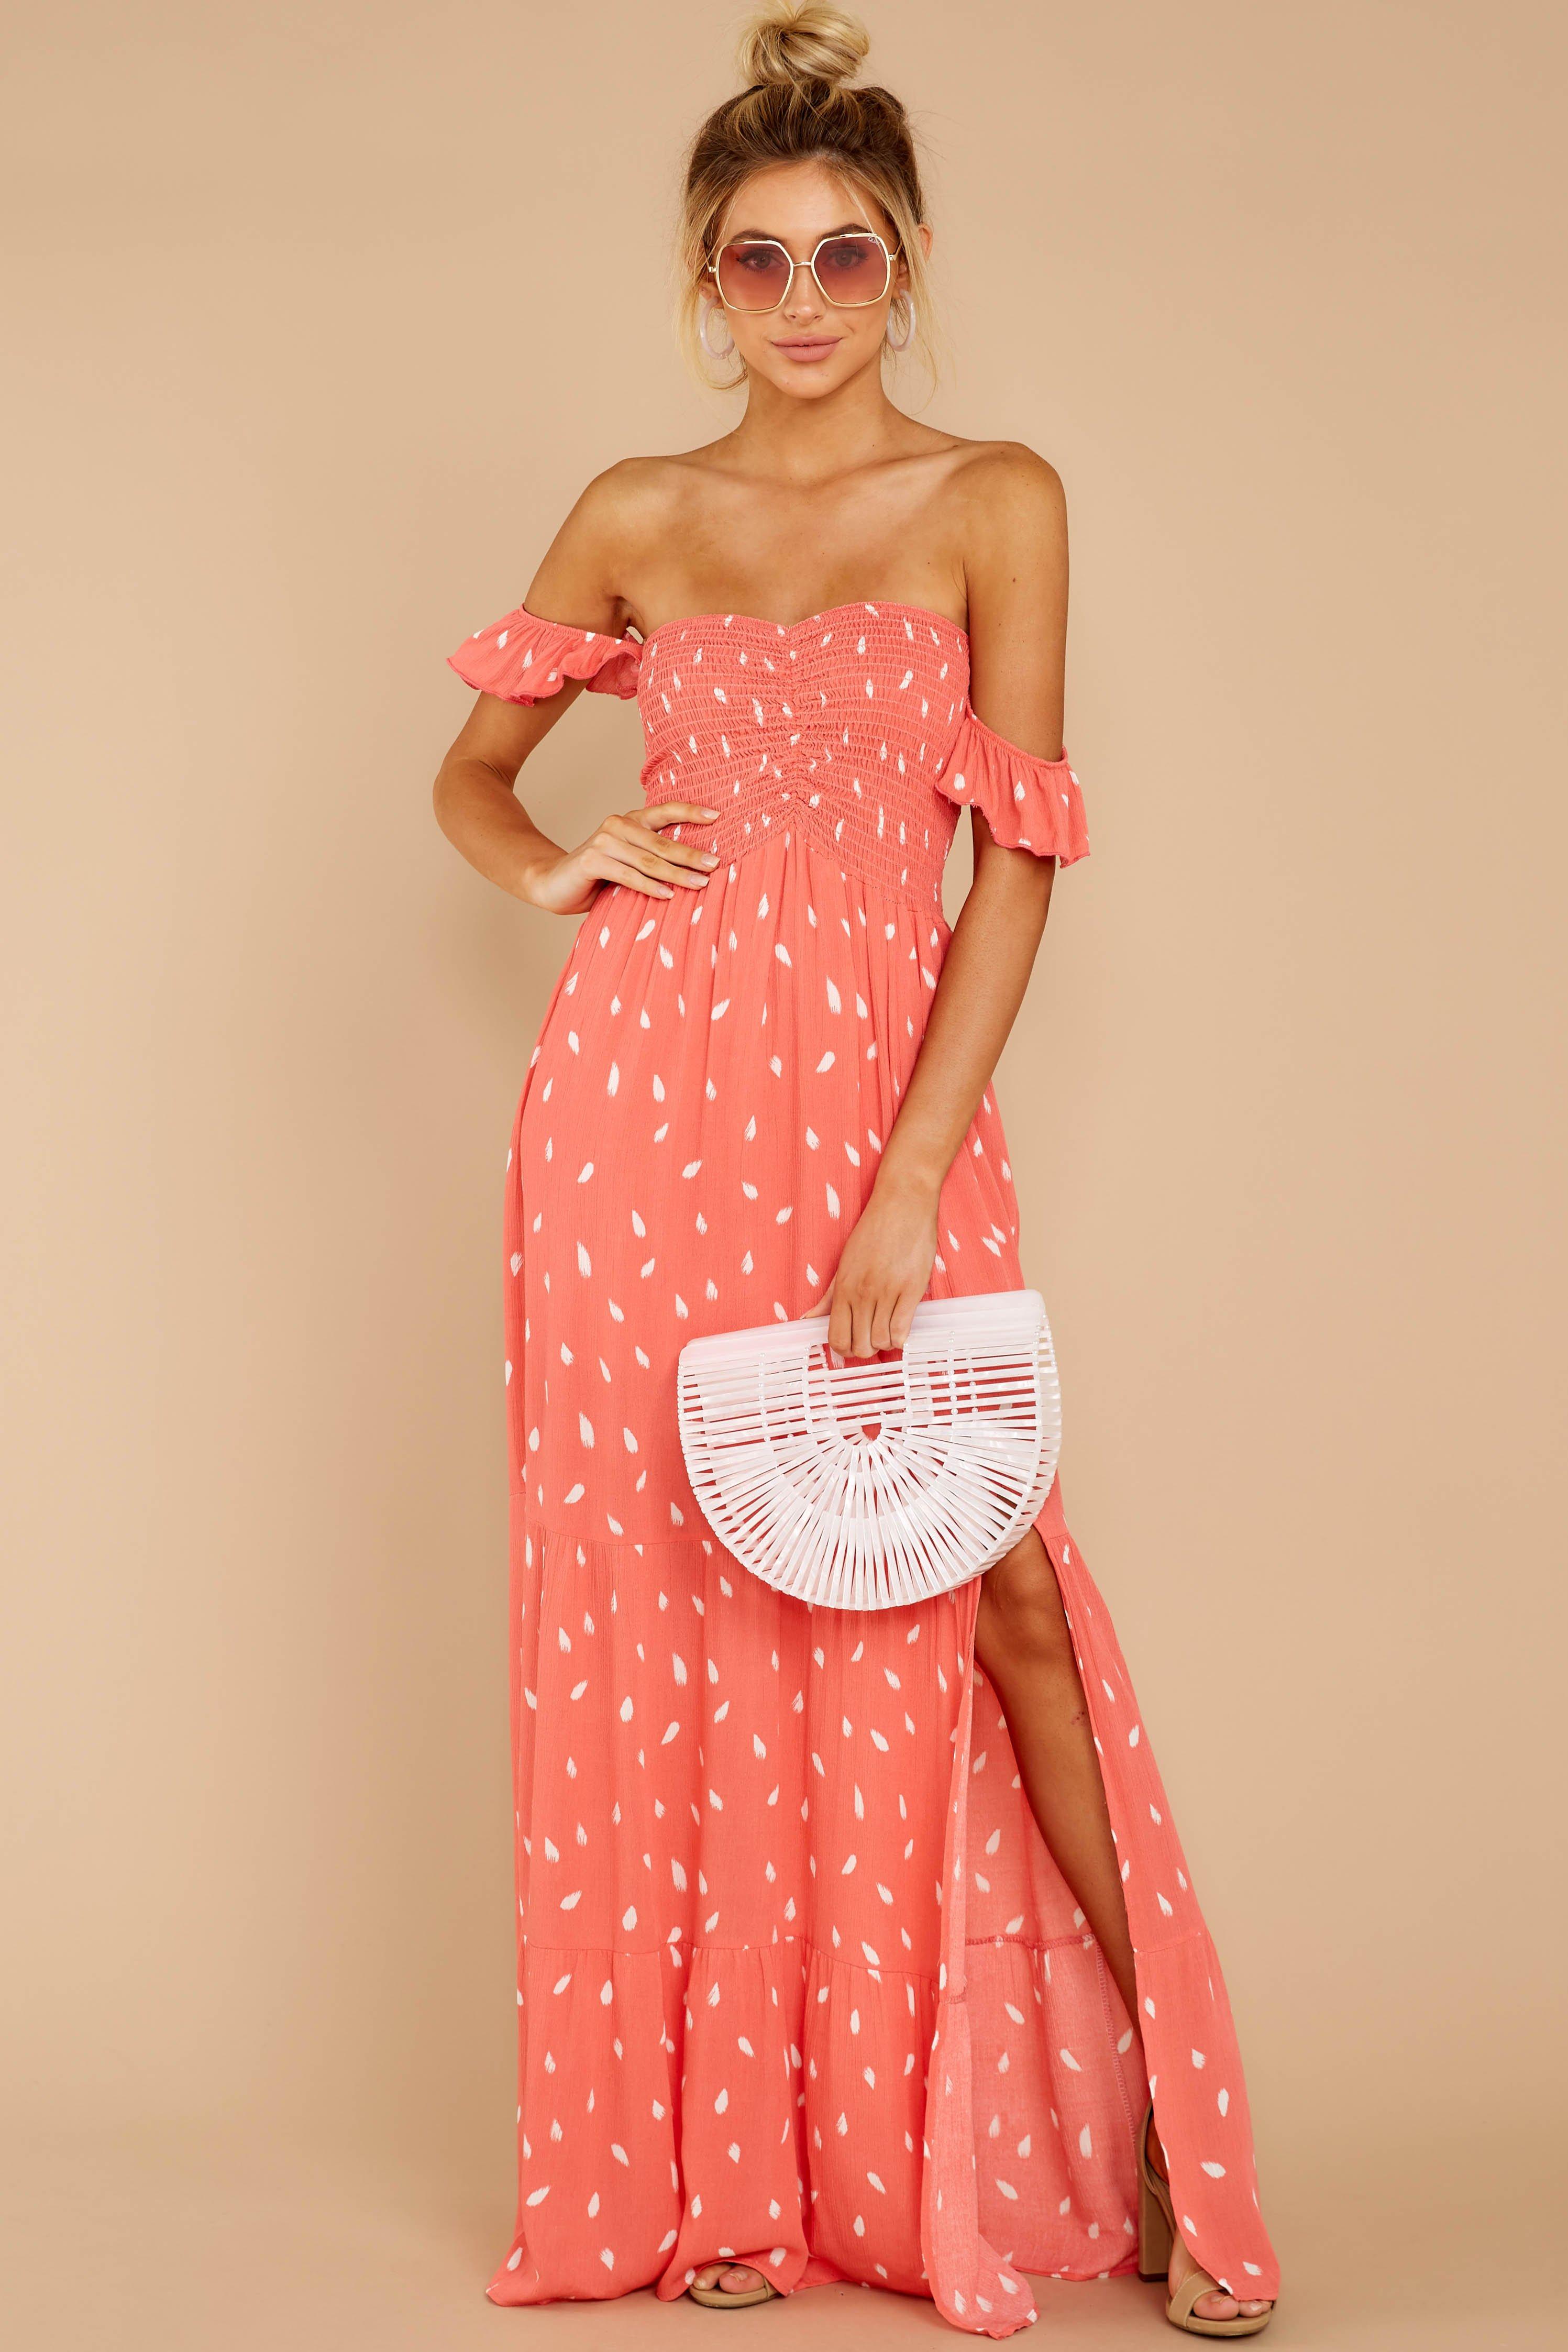 Flirty Coral Pink Print Maxi Flowy Smocked Maxi Dress Dress 54 Red Dress Coral Maxi Dresses Printed Maxi Dress Maxi Dress Websites [ 4491 x 2994 Pixel ]